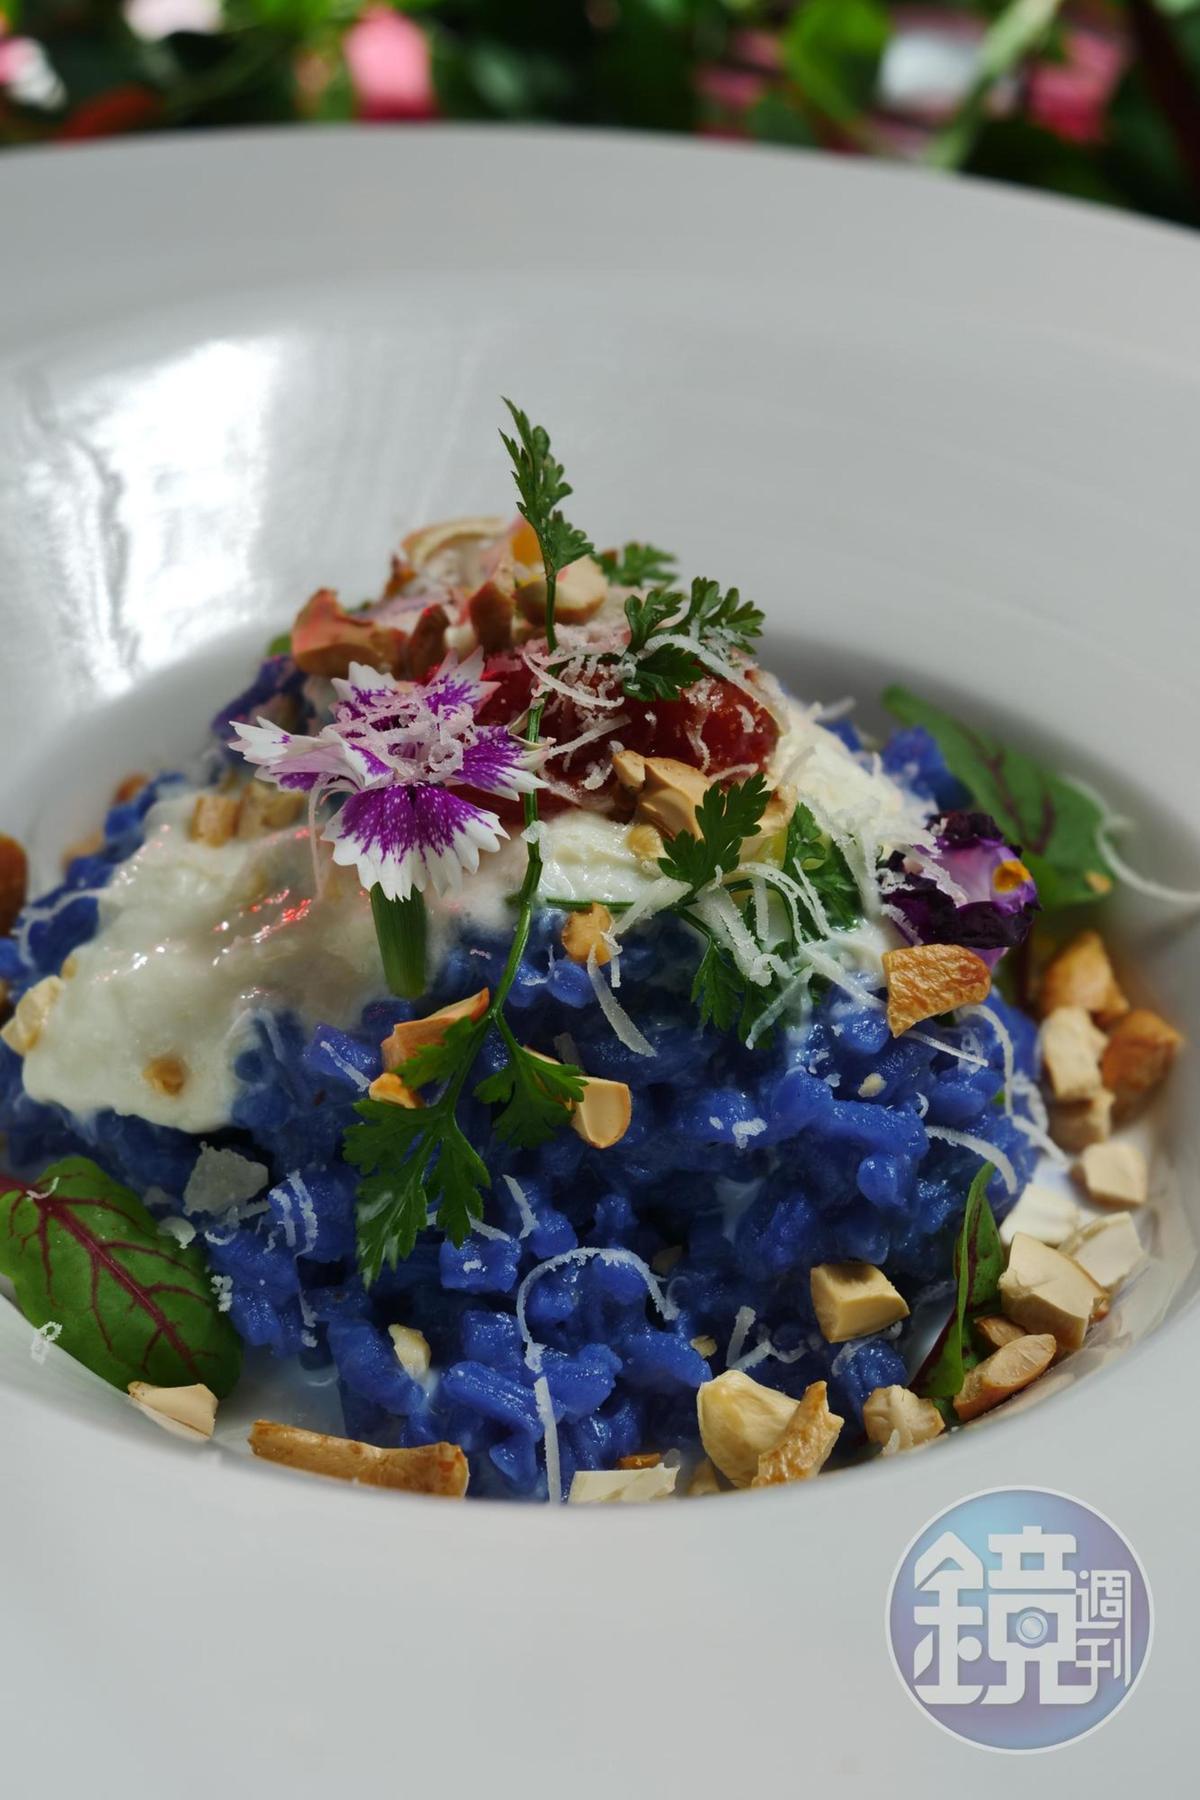 「蝶豆花奶油燉飯」,使用的是飯店自種的蝶豆花,奶油口感香濃。(340元/份)